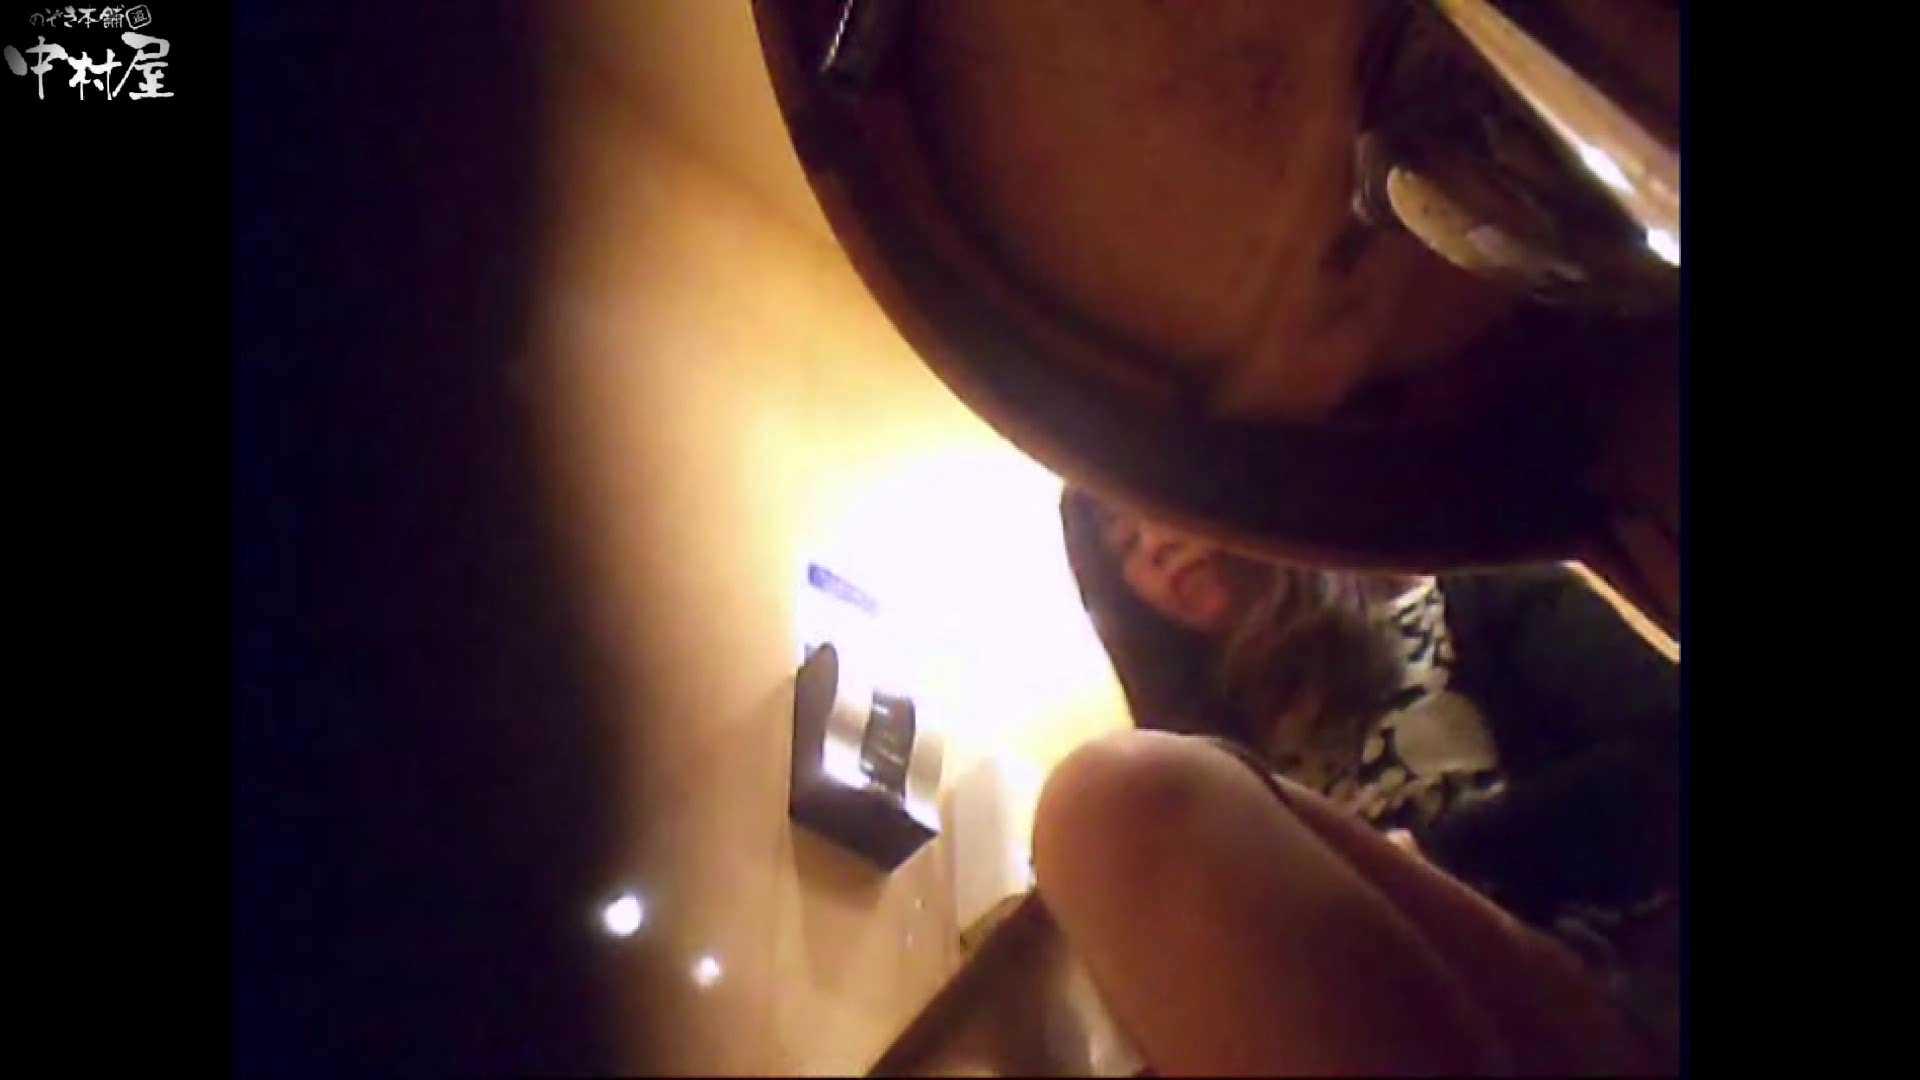 ガチ盗撮!突撃!女子化粧室の真実~セカンドシーズン~vo.04 盗撮師作品 | 熟女丸裸  80pic 27